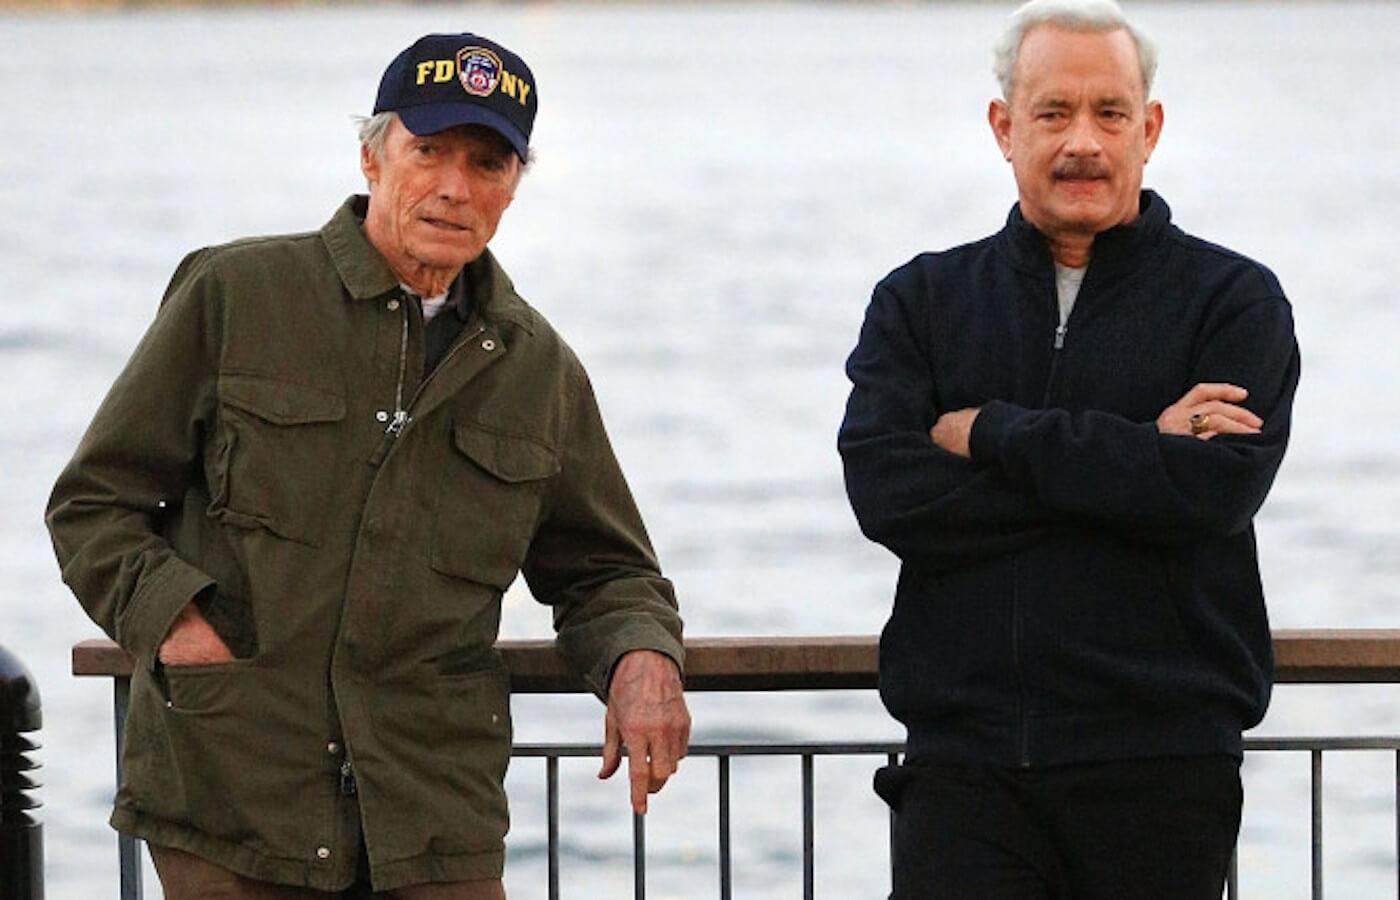 全米Box Office(9/16〜9/18):C・イーストウッド監督作『ハドソン川の奇跡』がV2!